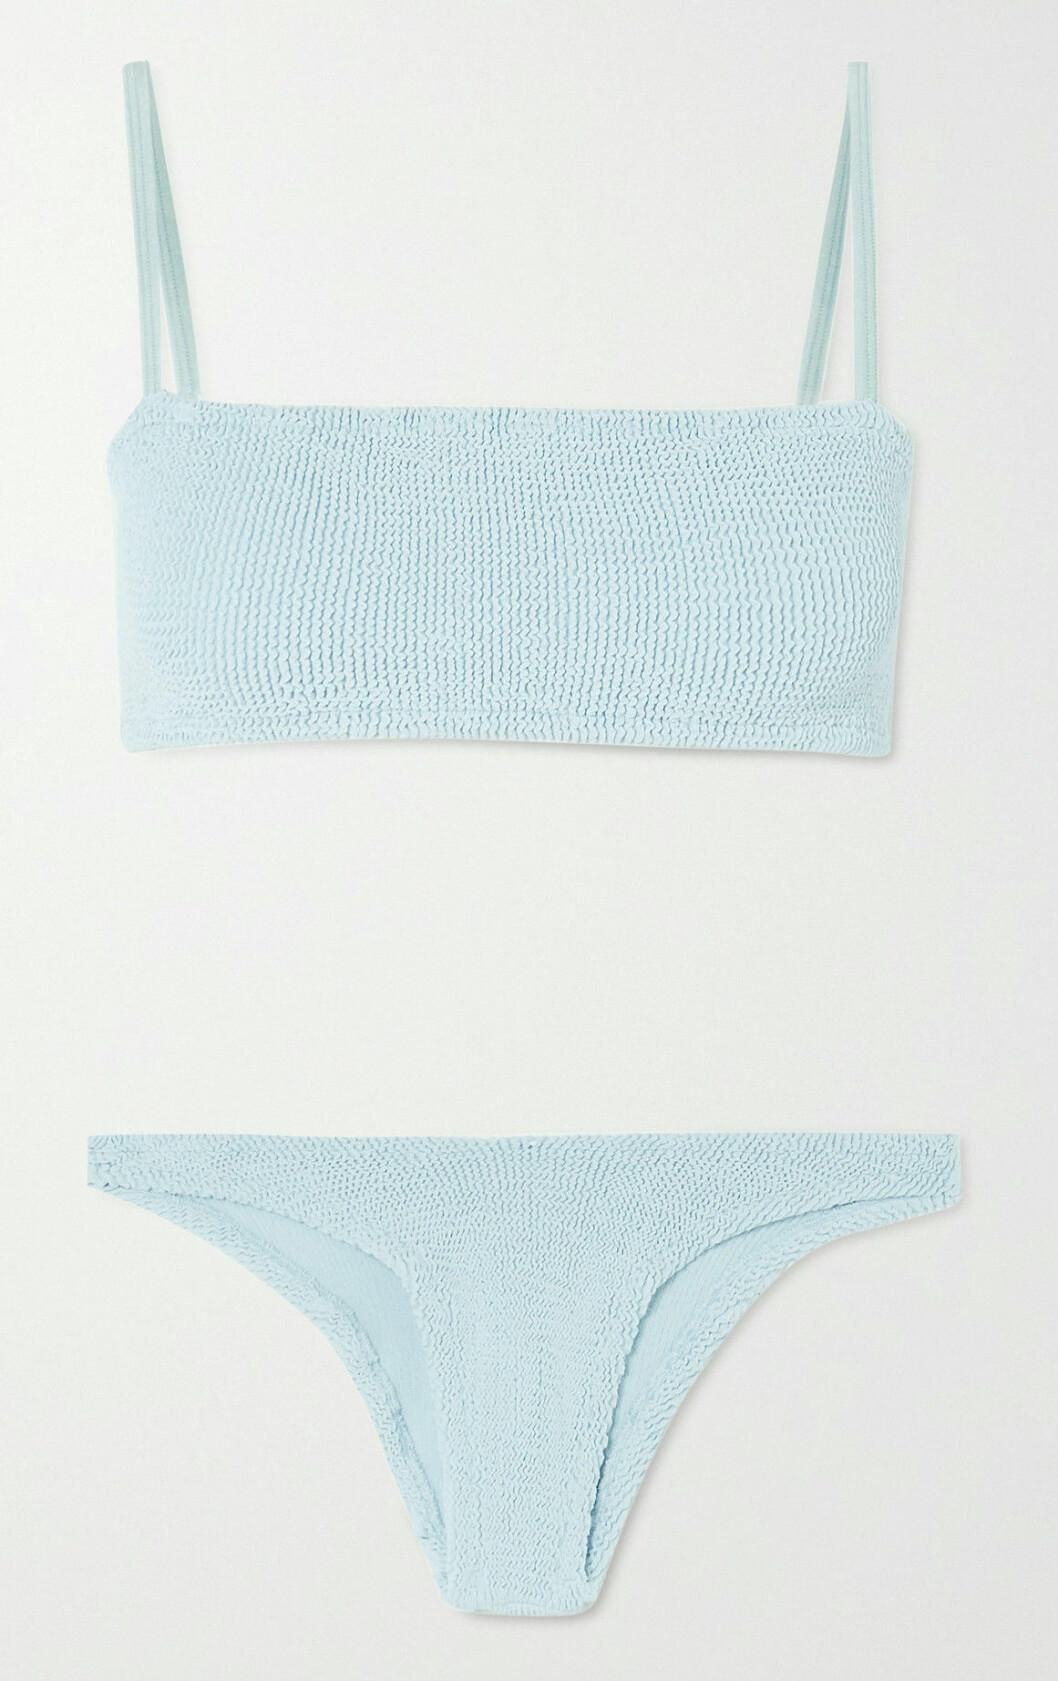 Babyblå bikini från Hunza G som gör ikoniska badkläder i one-size